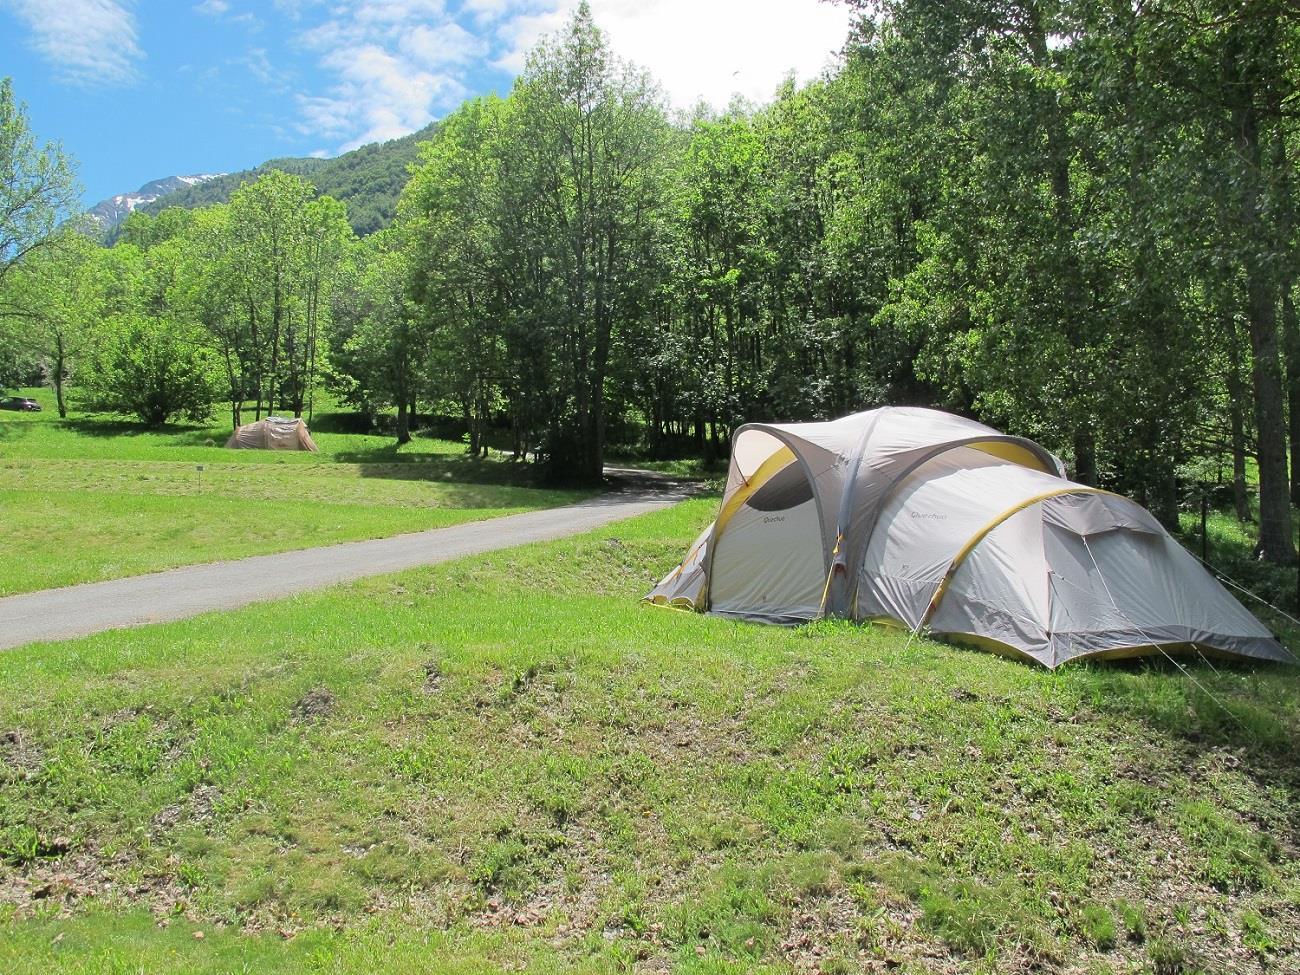 Emplacement - Forfait Confort (1 Tente, Caravane Ou Camping-Car / 1 Voiture / Électricité 10A) - Wellness Sport Camping UCPA VVF Pène Blanche